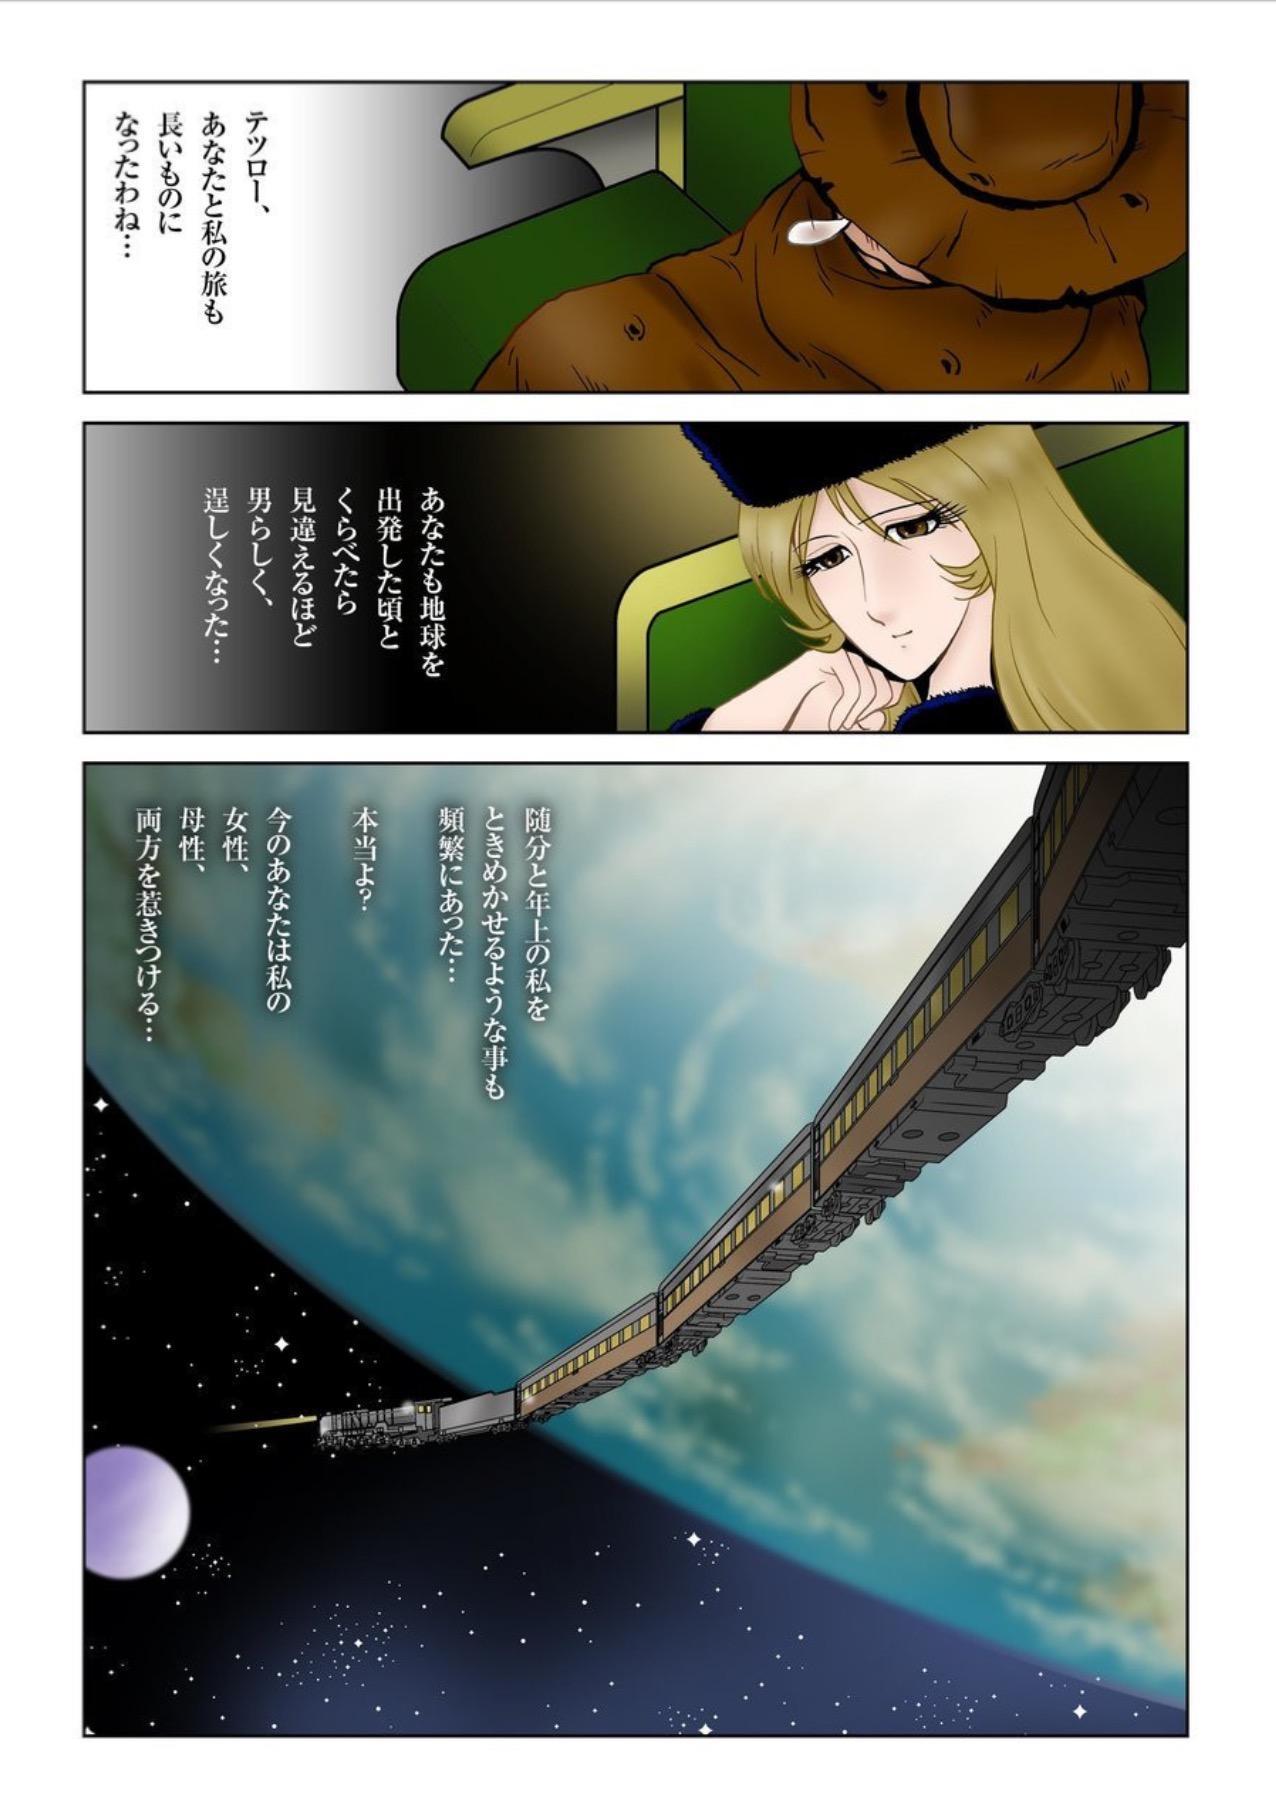 Ginga no Tabi 999-nichime no Yoru 2